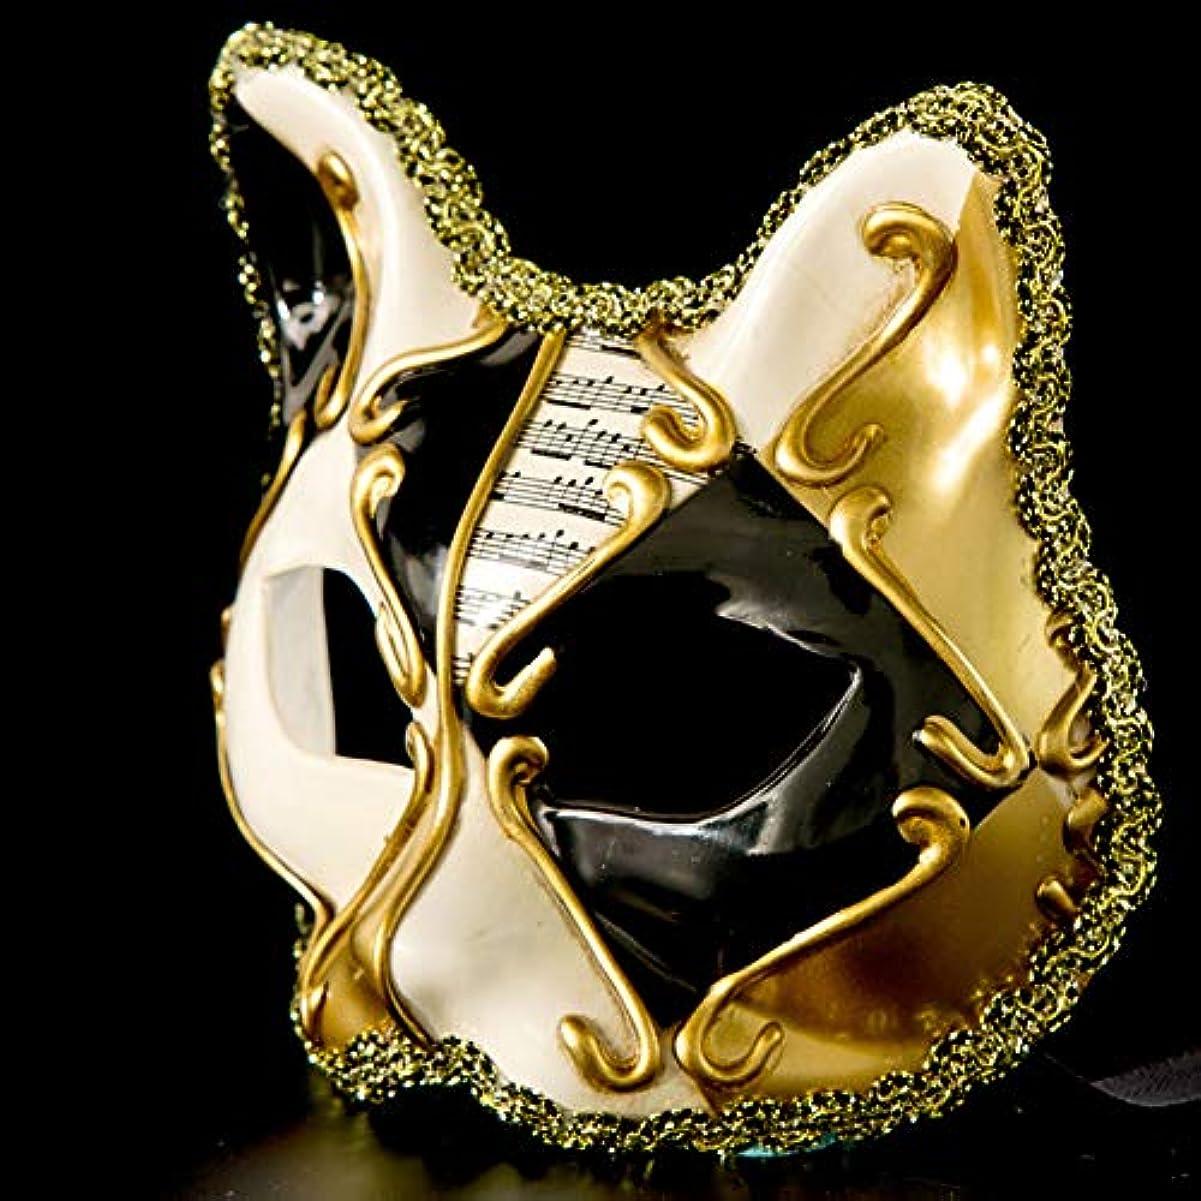 変色するハミングバード薄汚いマスクベネチアン子猫マスク子供仮装ボールパーティー,イエロー